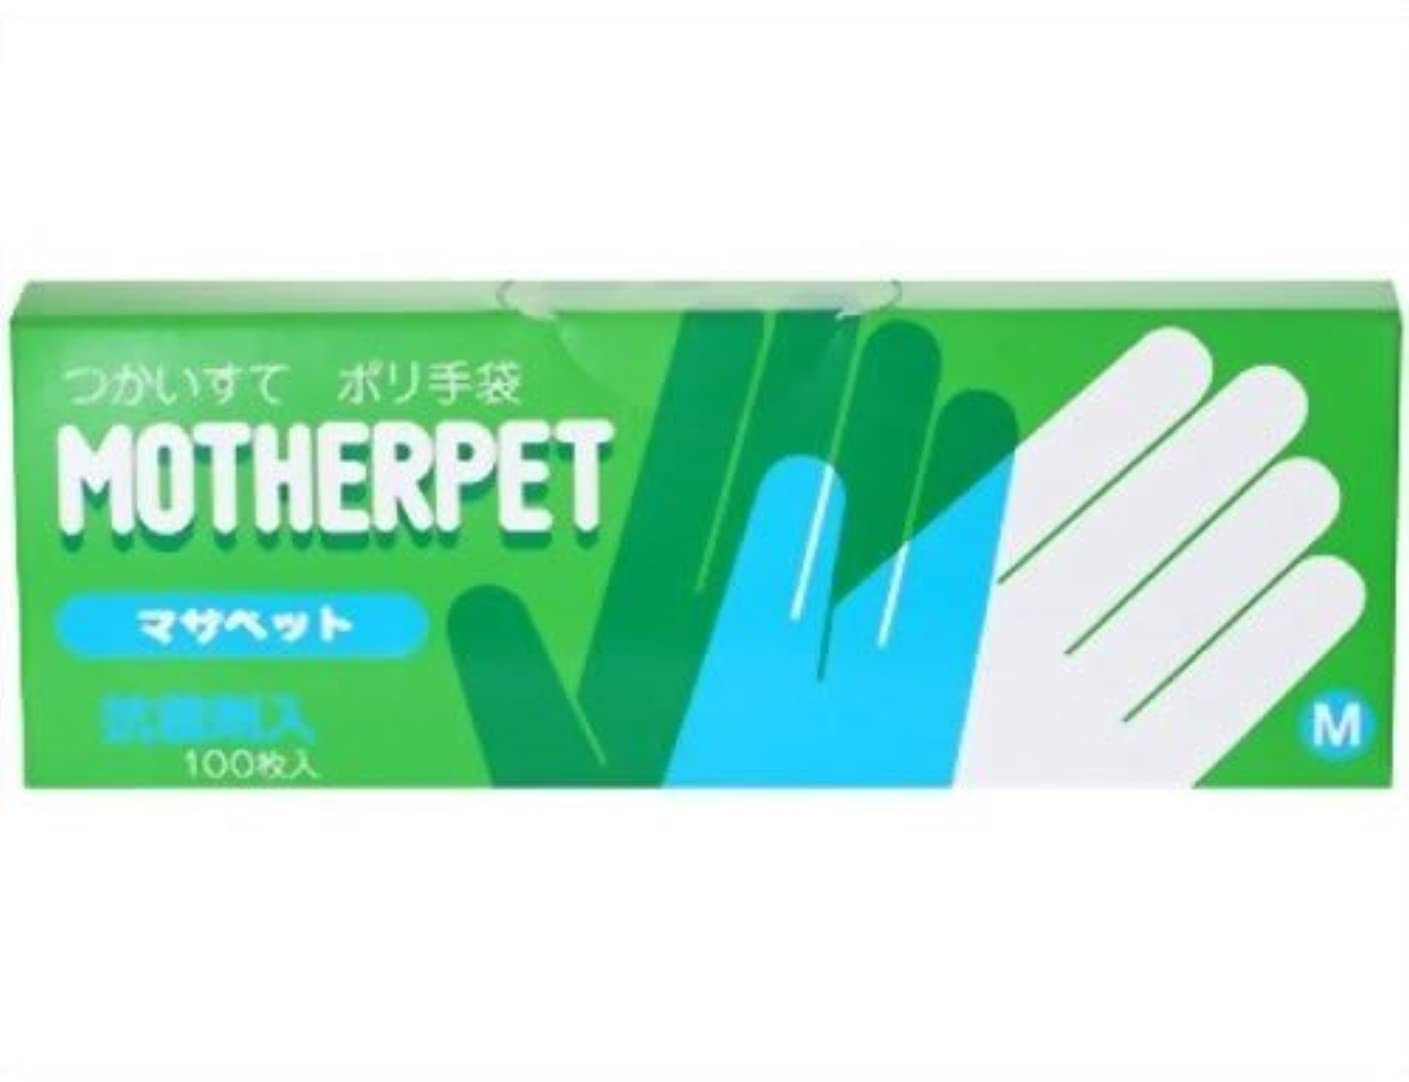 孤独な言語消費者宇都宮製作 マザペット ポリ手袋 M 100枚入 × 15個セット